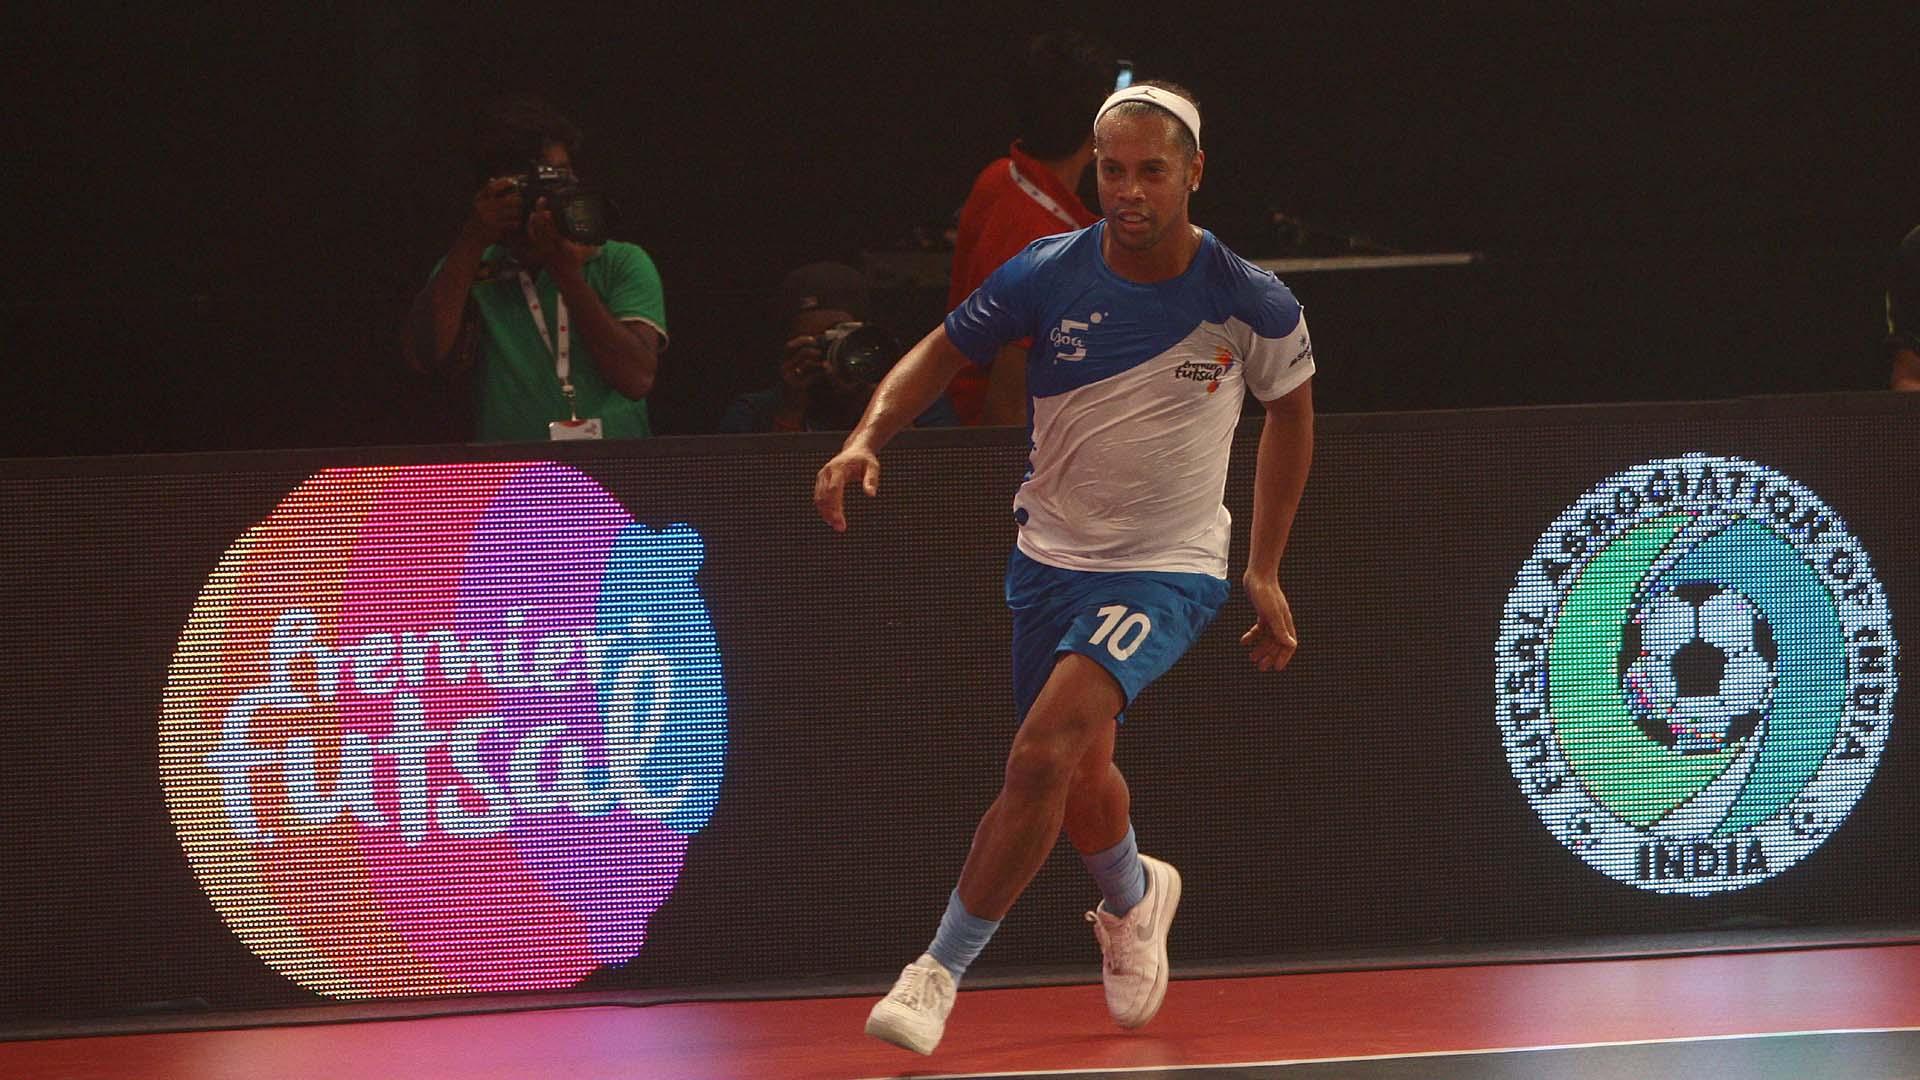 Premier Futsal to be held twice in a season: Figo